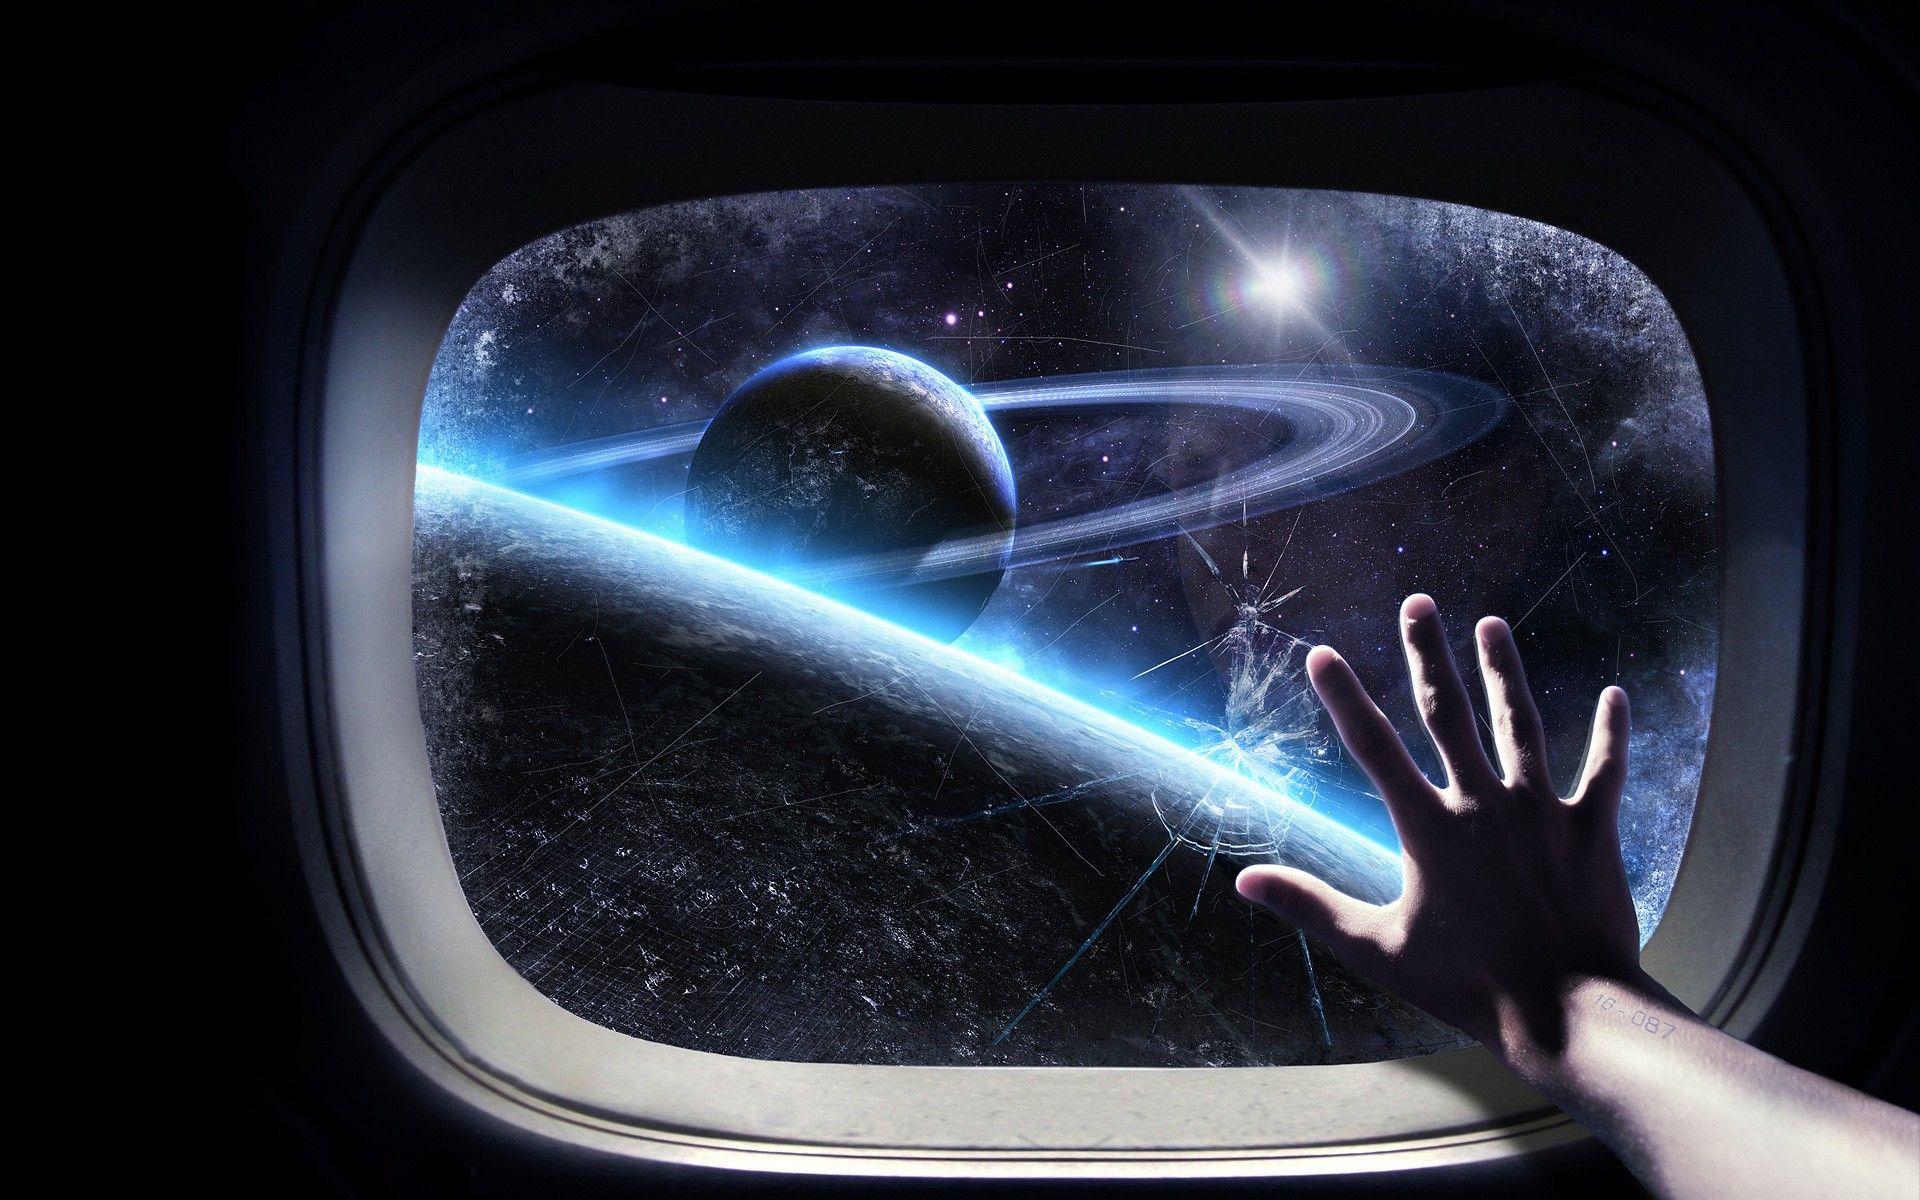 Sondage Cotw 7 Fond Ecran Paysage Fond D Ecran Science Fiction Fond Ecran Gratuit